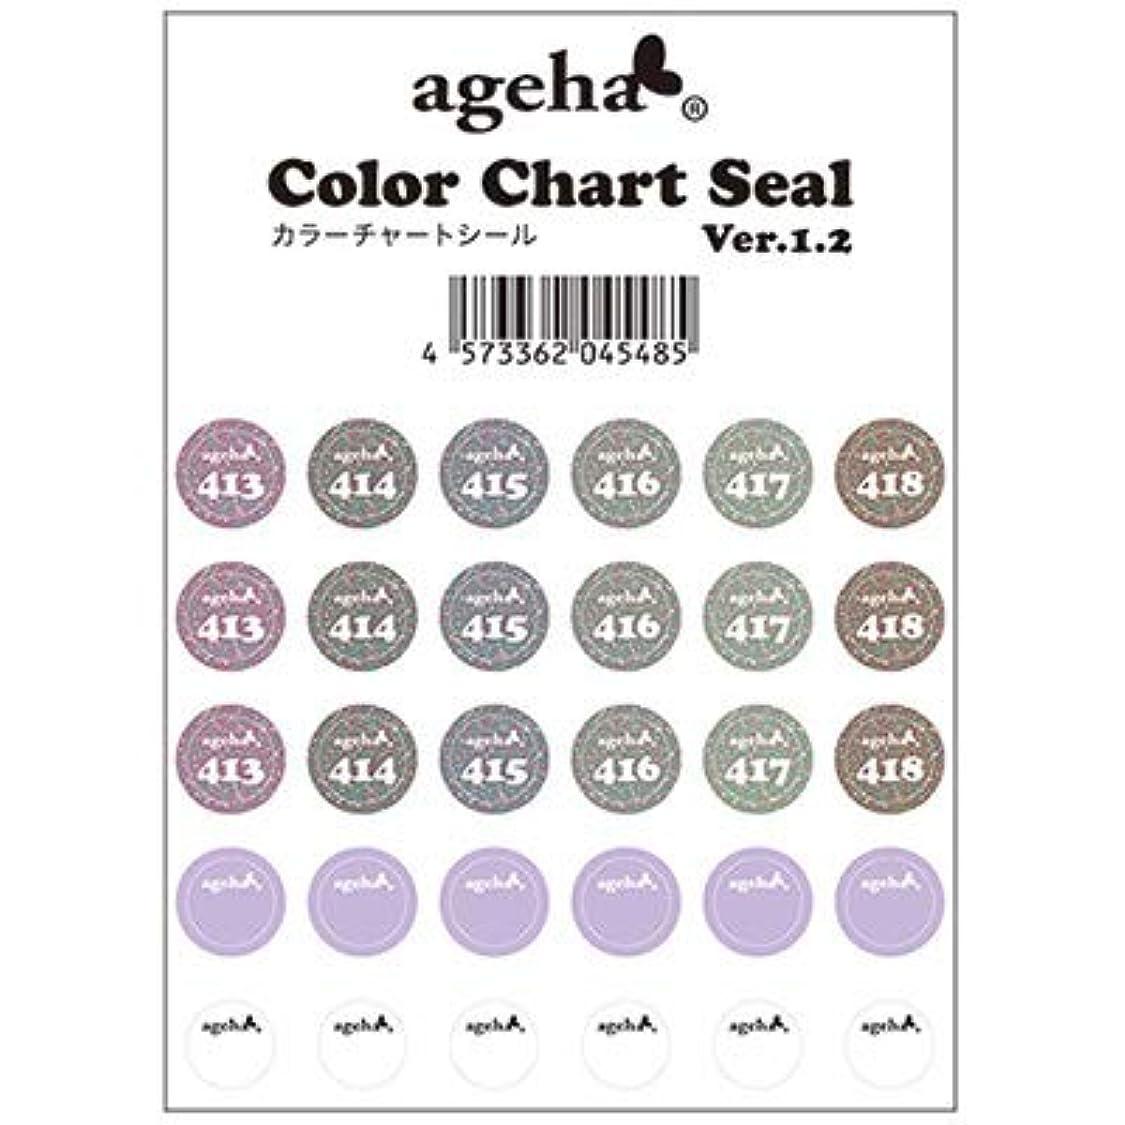 適性掃く集計ageha(アゲハ) カラーチャートシール Ver.1.2